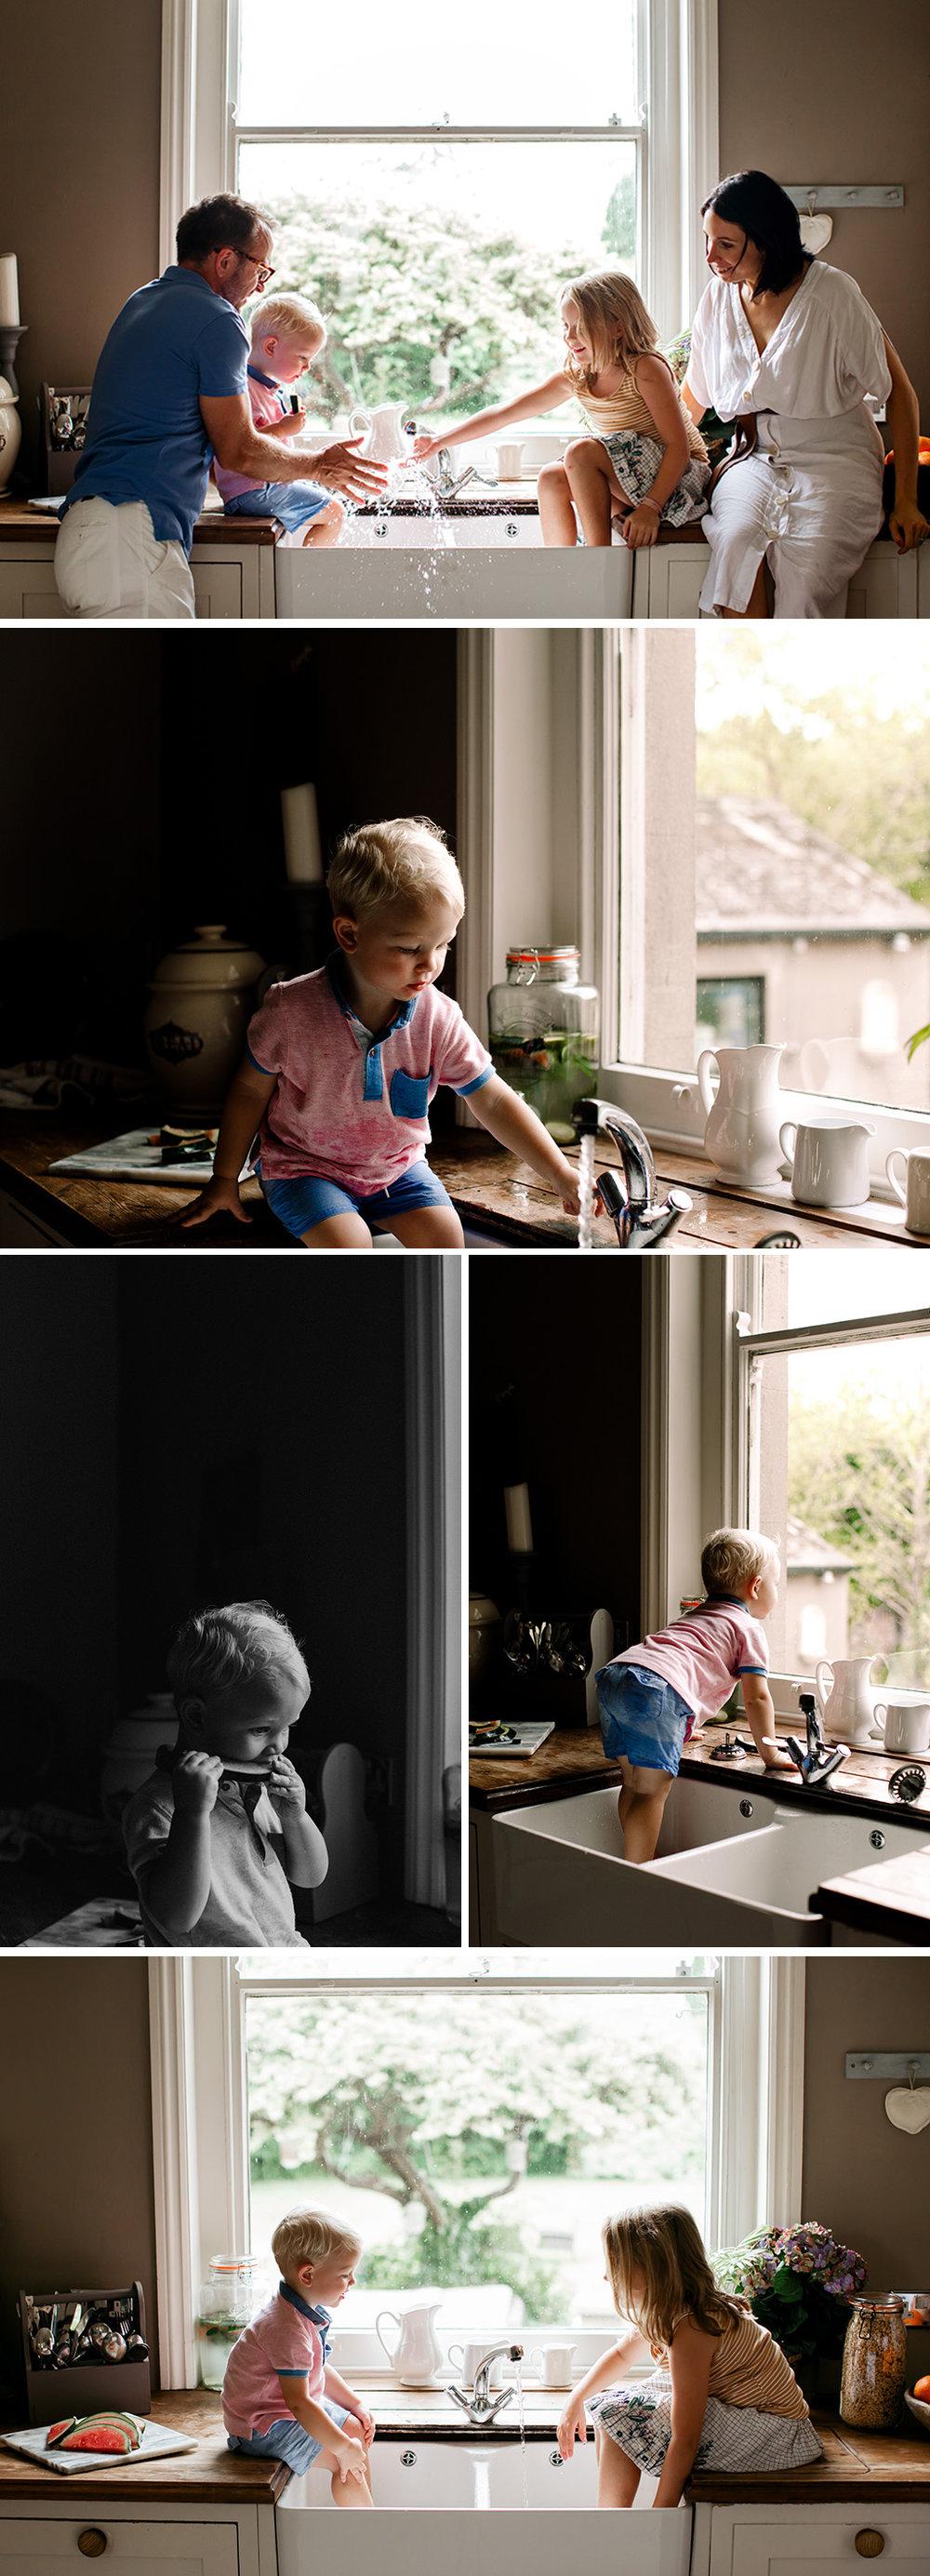 Lifestylefamiljefotografering-hemmahosfotografering_Anna_Sandstrom_6.jpg